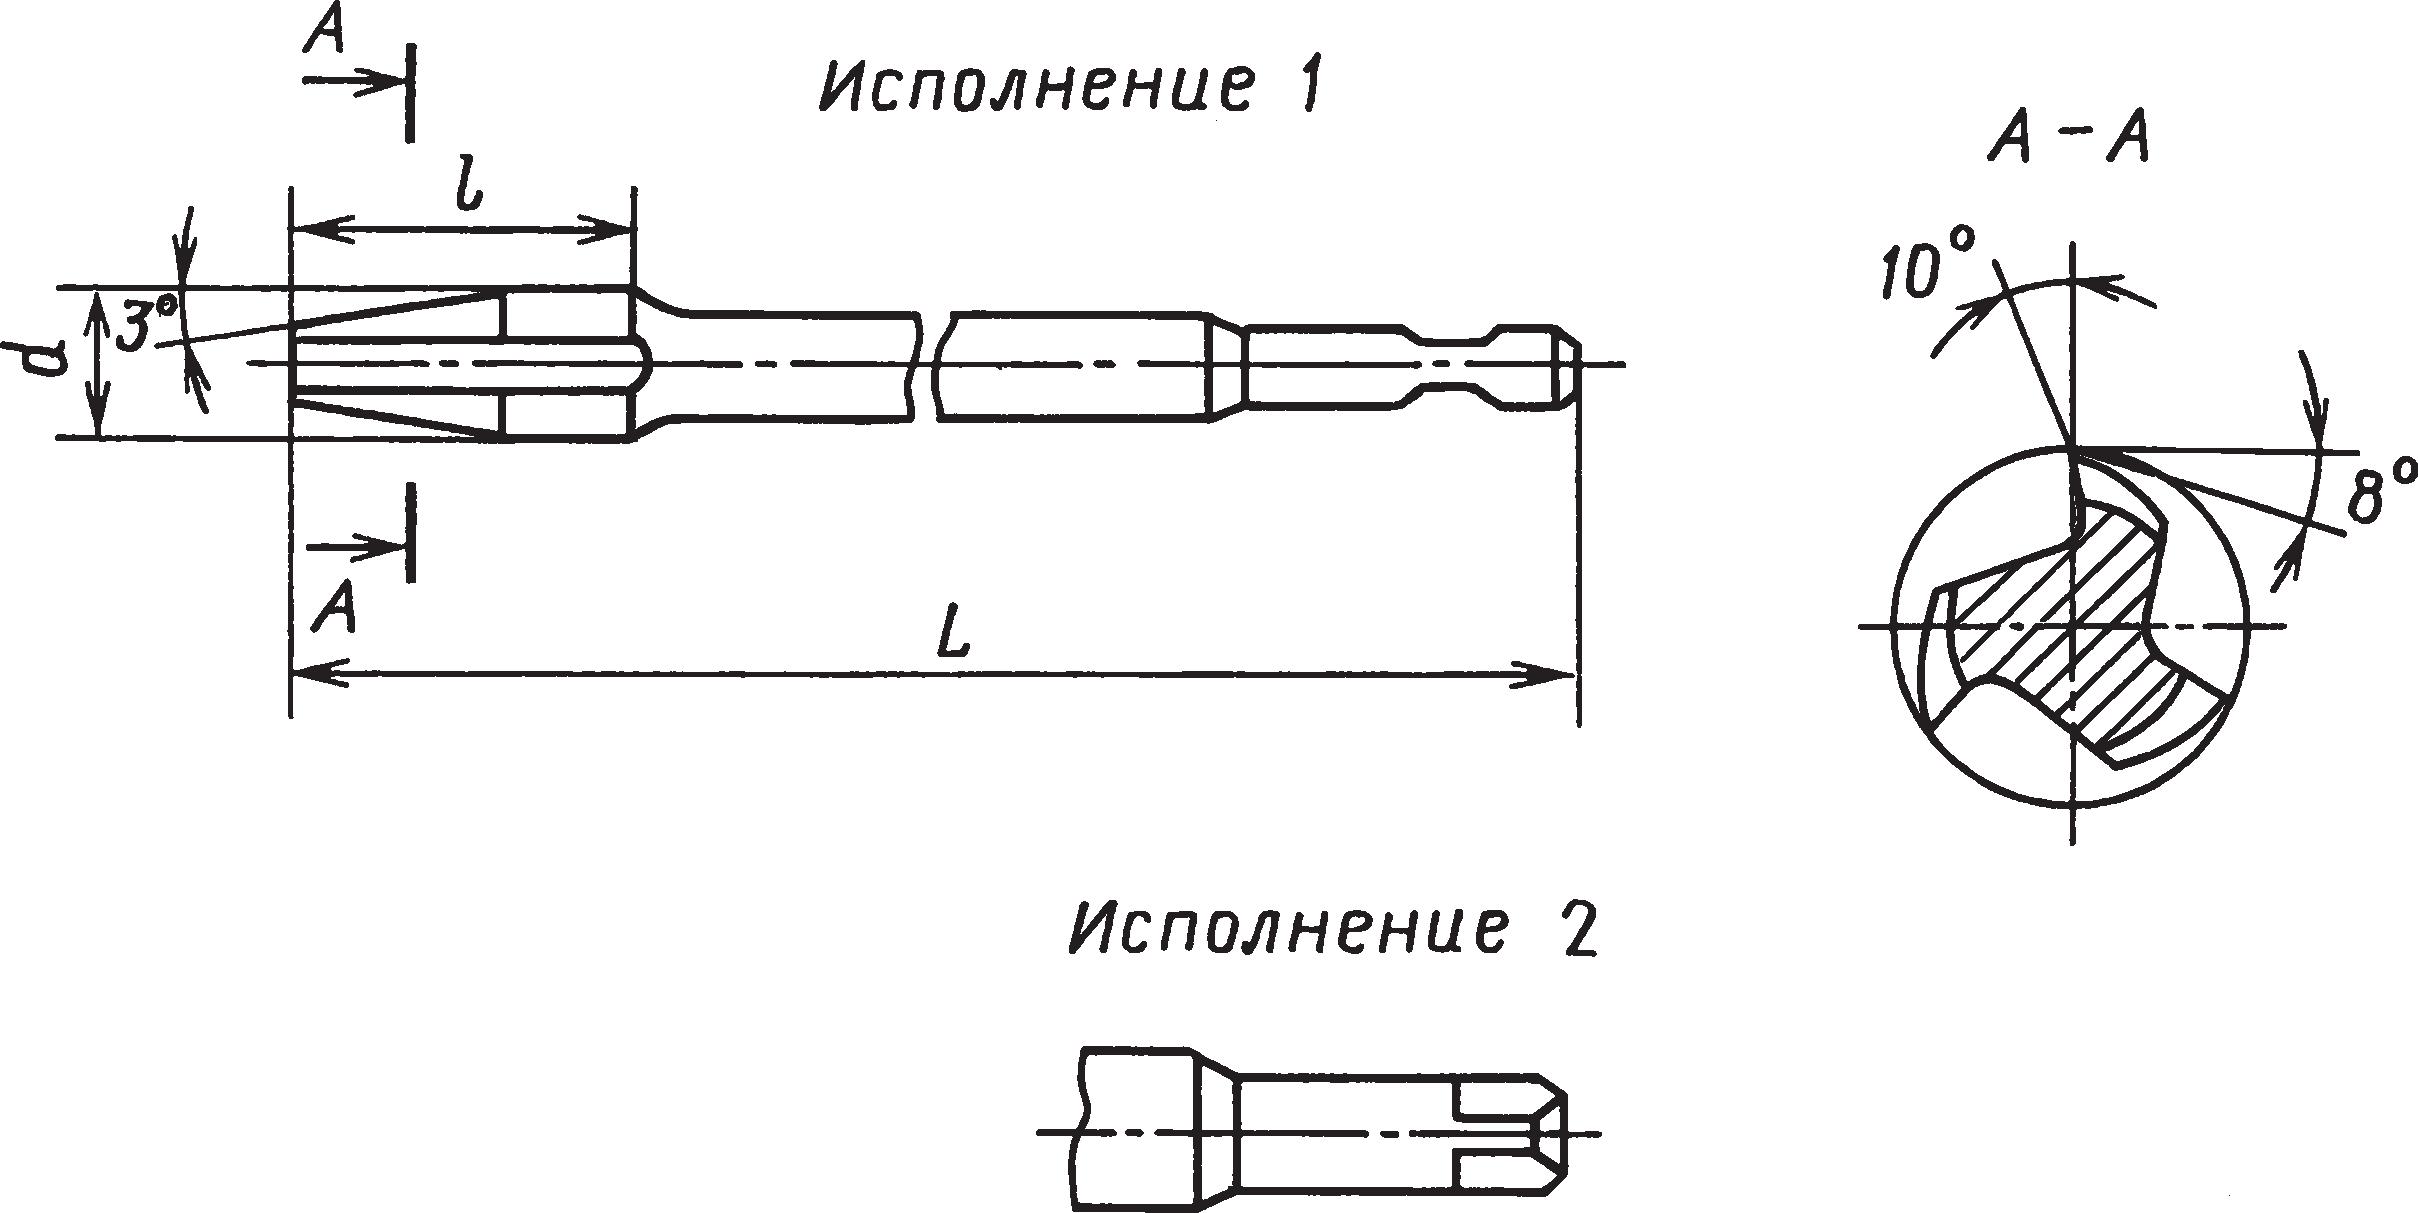 Метчики гаечные для нарезания метрических резьб (ГОСТ 1604–71)